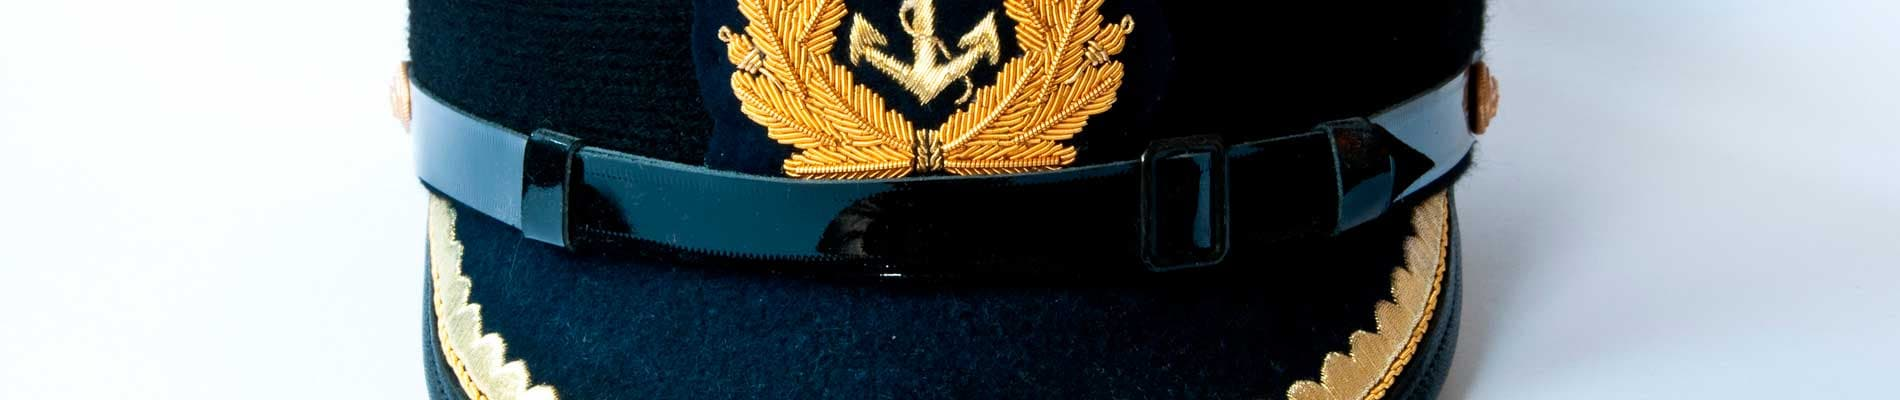 Marina civil y náutica